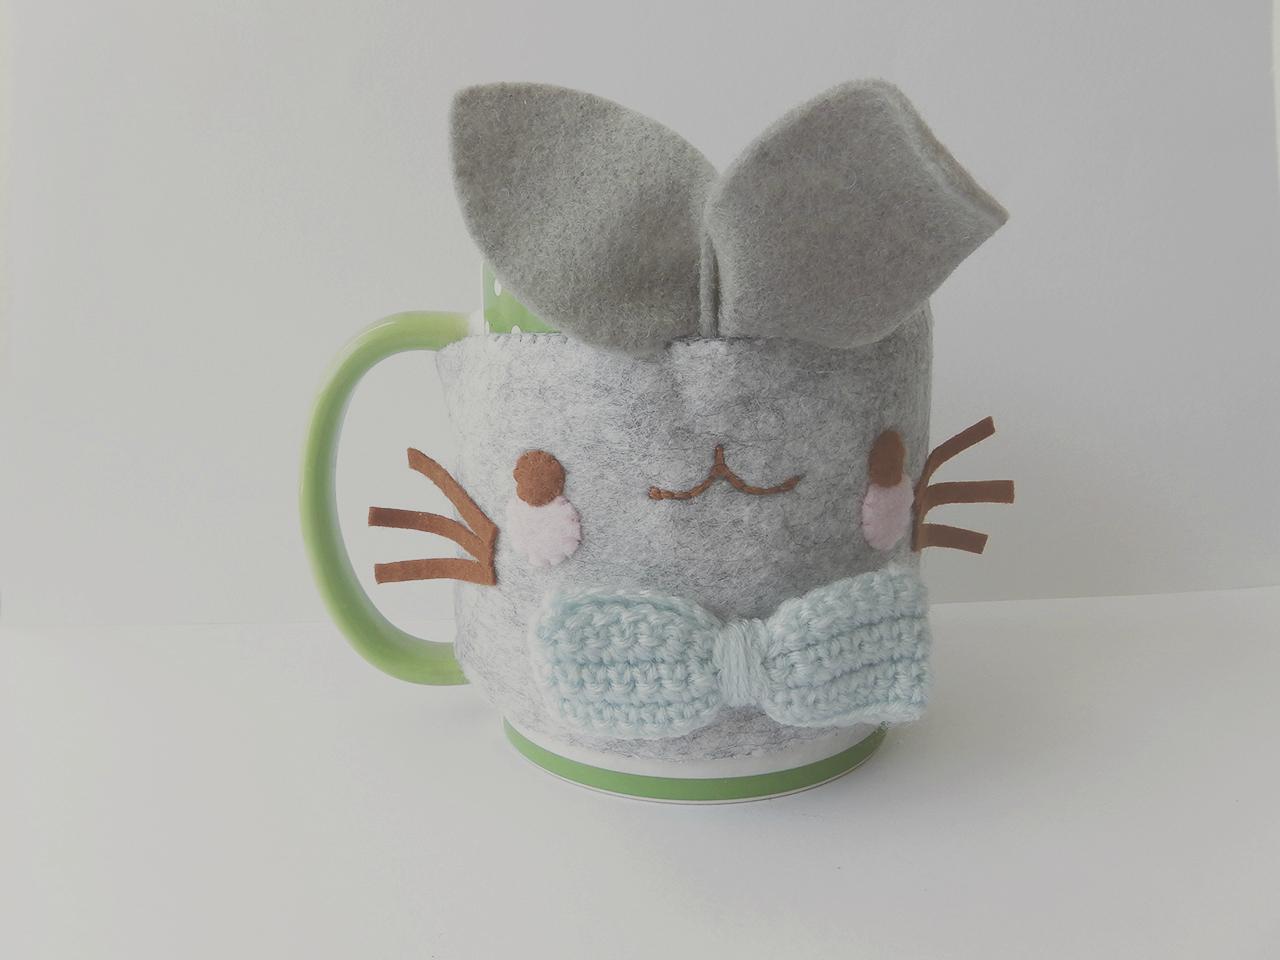 cup cozy, cup sleeve, mug sleeve, felt craft, felt project, felting, bunny felt cup cozy